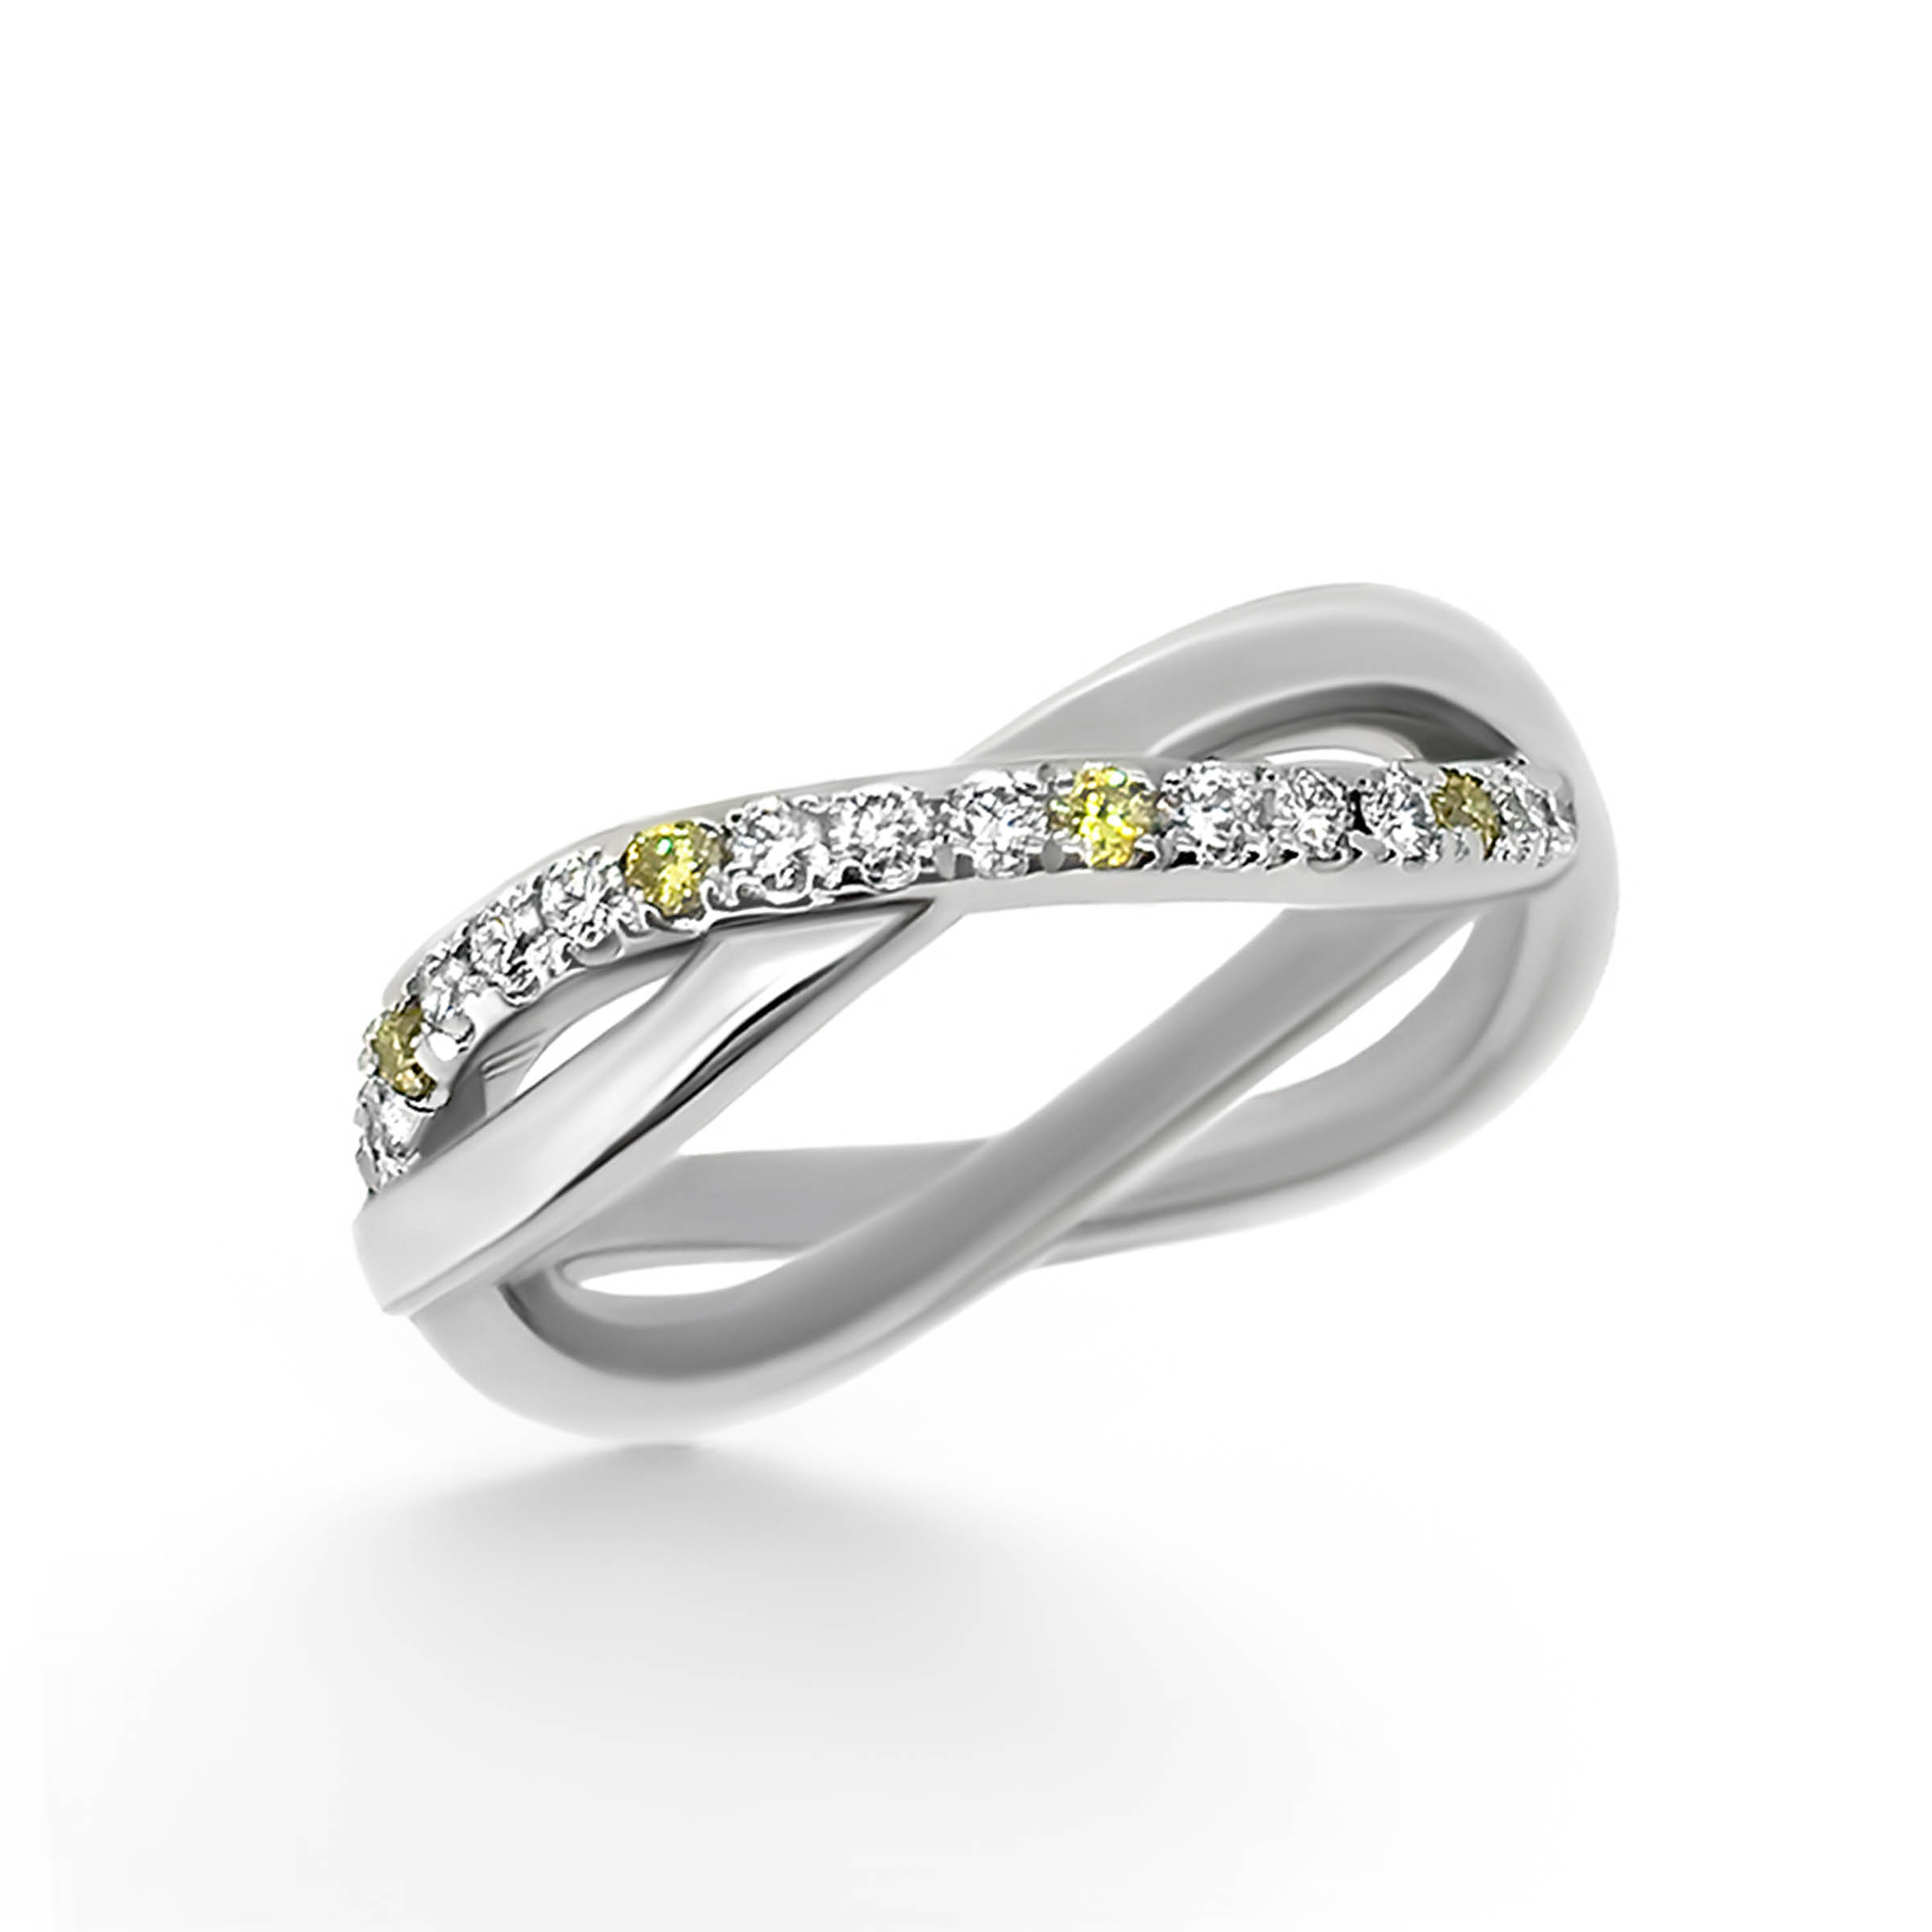 yellow and white diamond wedding band- haywards of hong kong